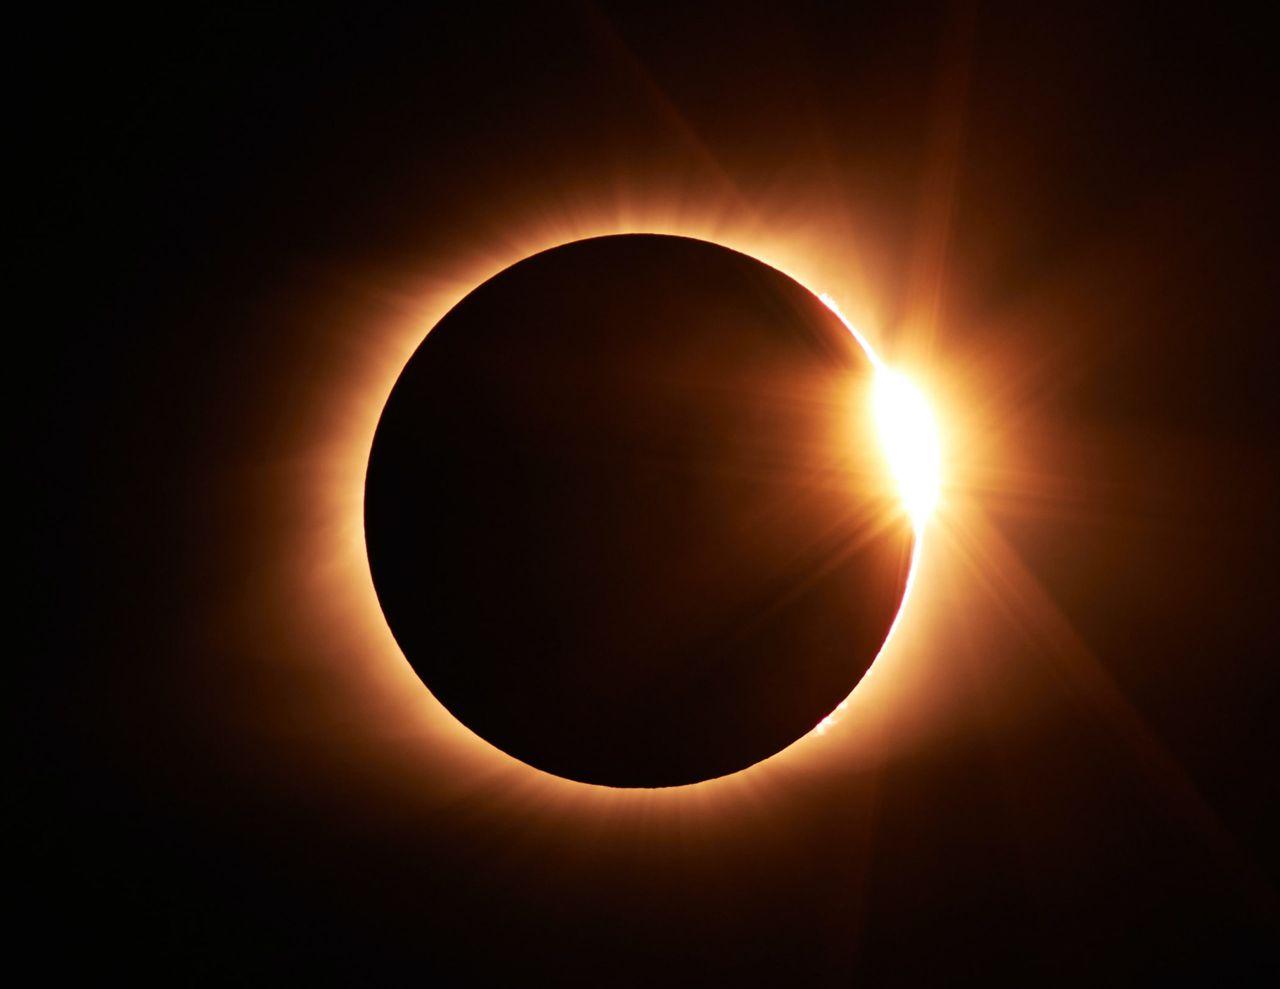 Затемнення сонця, Україна, червень